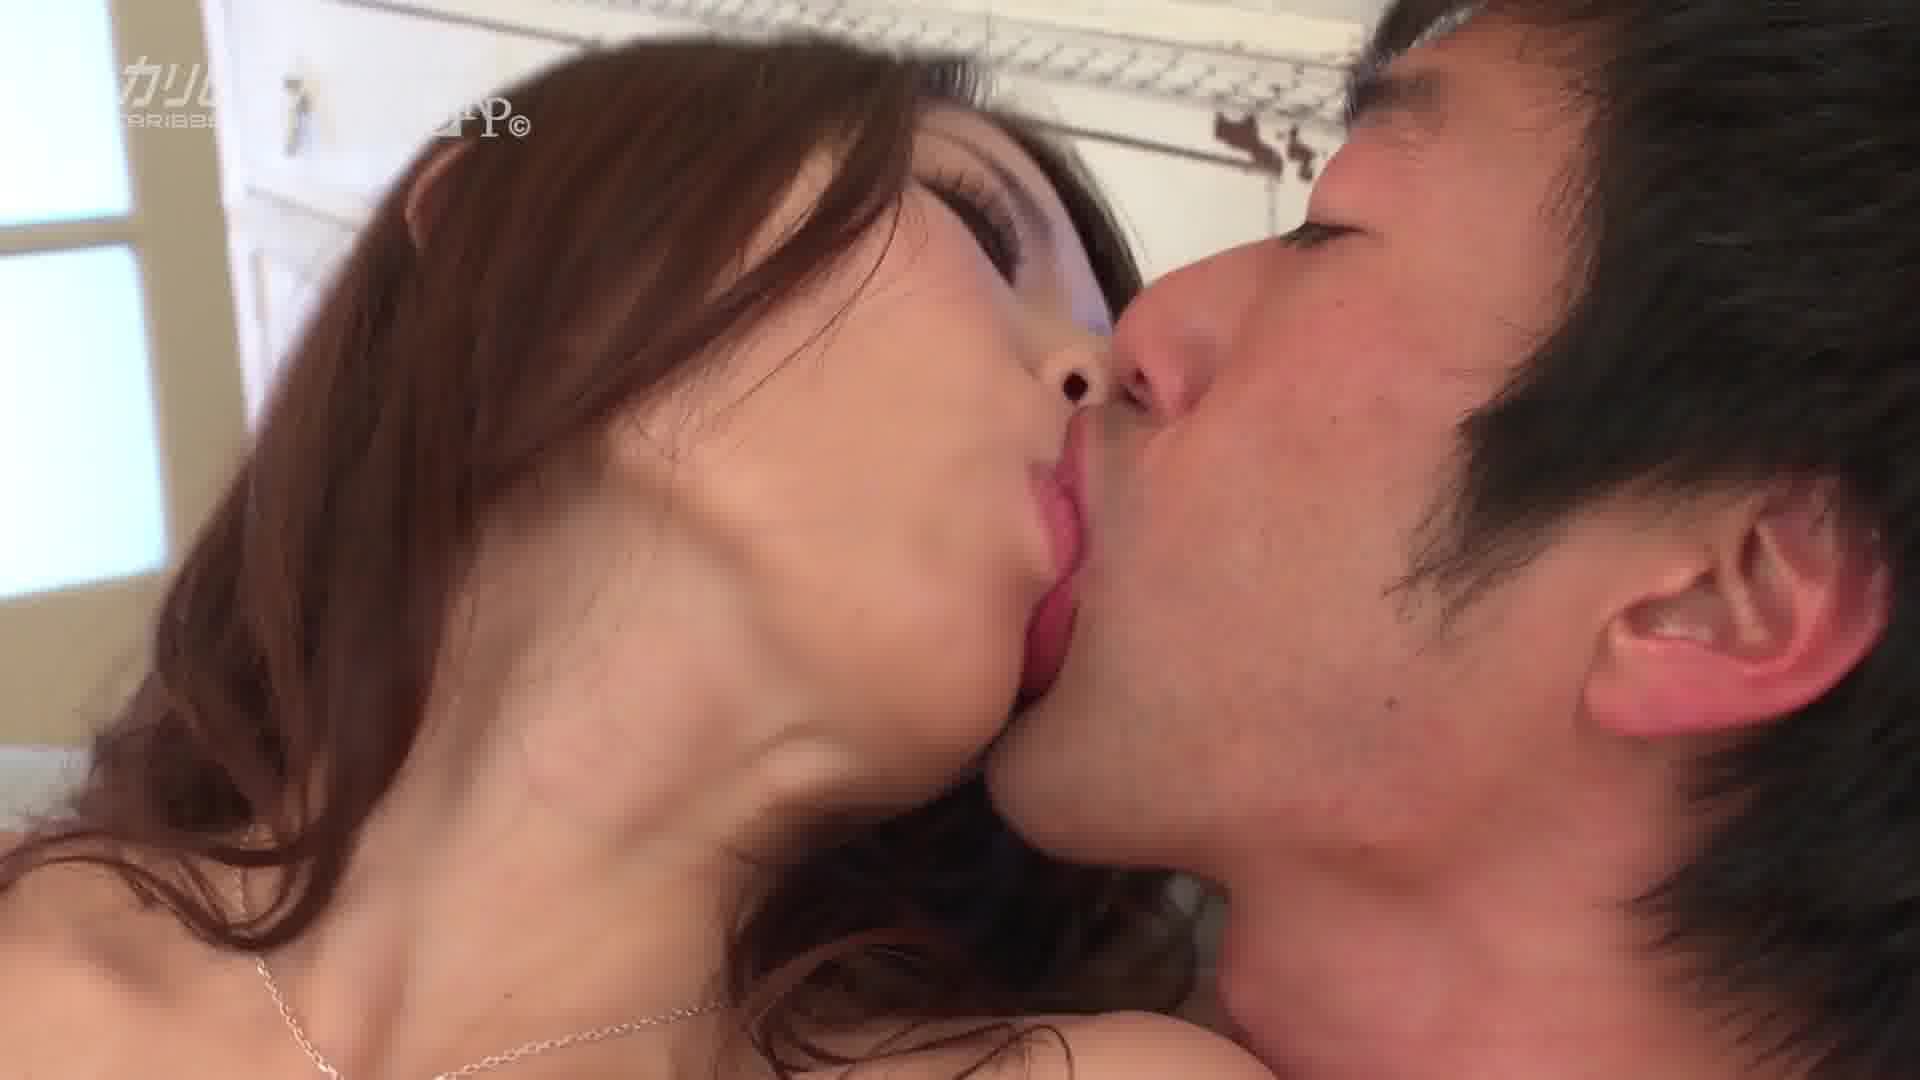 早抜き 篠田あゆみBEST2 - 篠田あゆみ【巨乳・パイズリ・中出し】